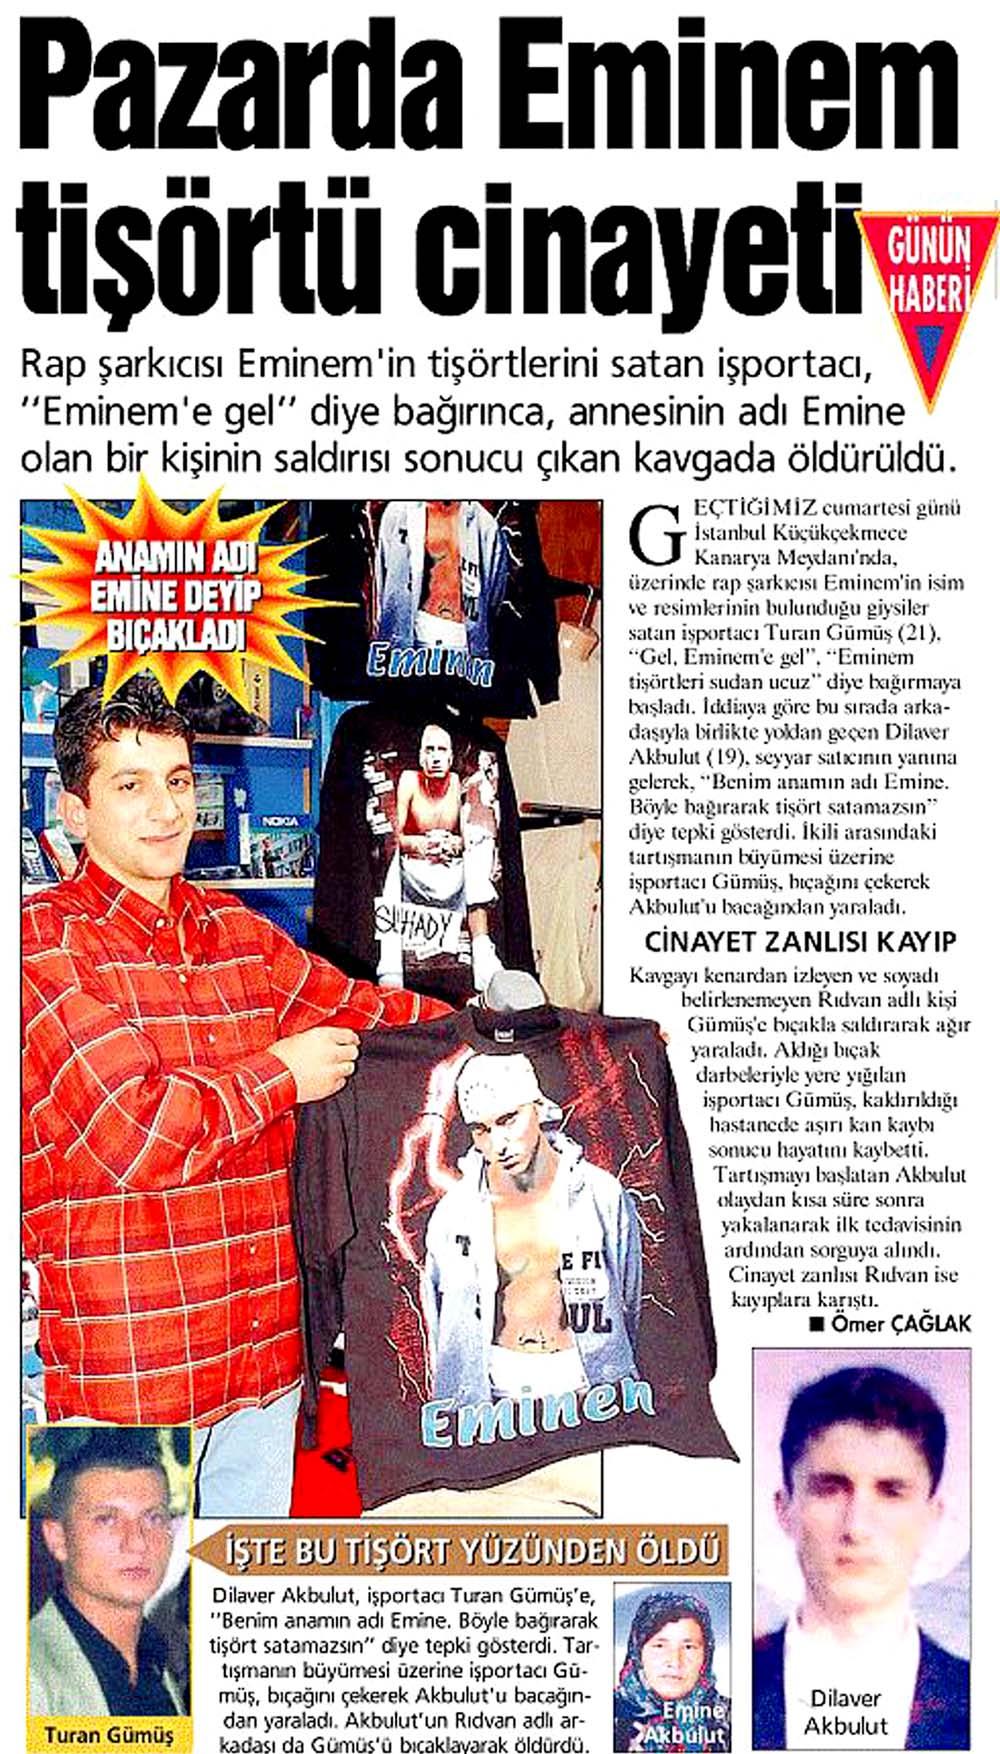 Pazarda Eminem tişörtü cinayeti